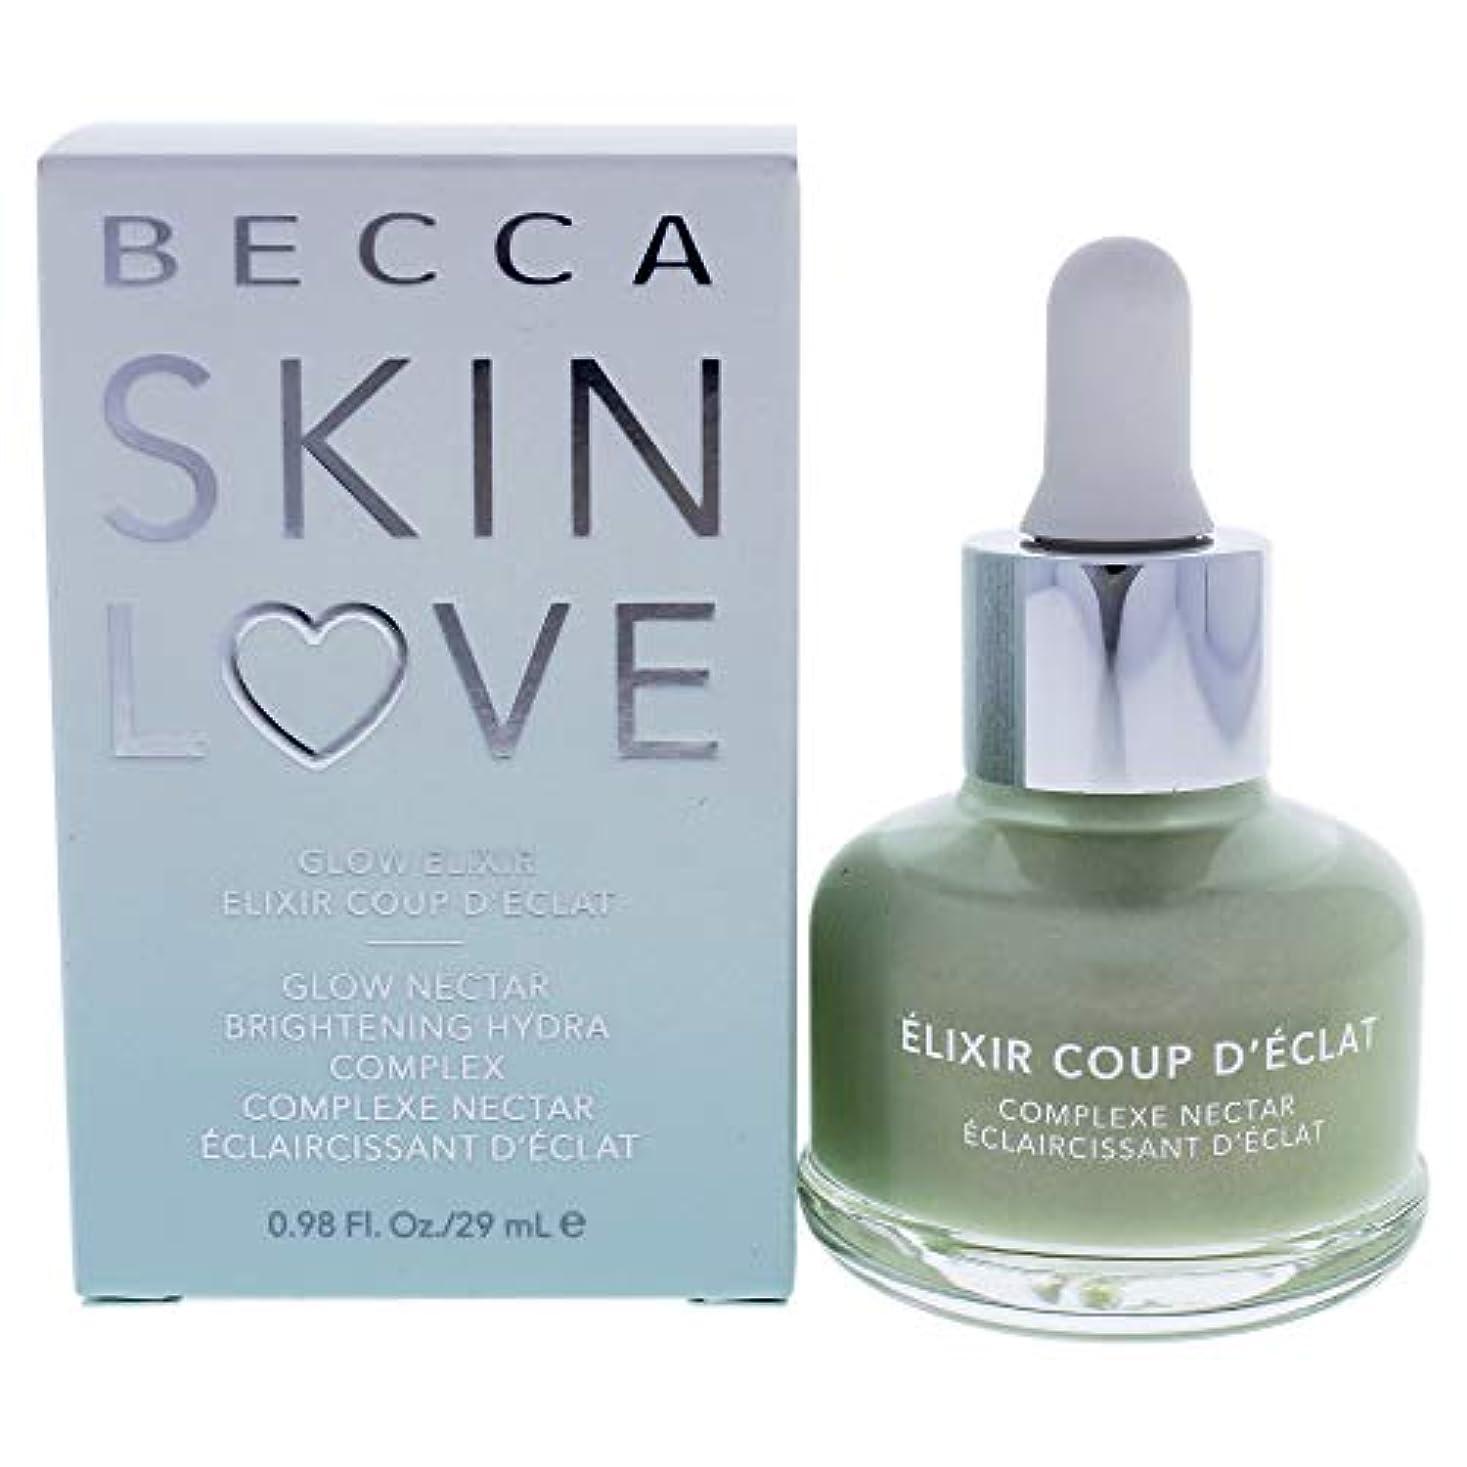 ソフィー許可憎しみベッカ Skin Love Glow Elixir Glow Nectar Brightening Hydra Complex 29ml/0.98oz並行輸入品